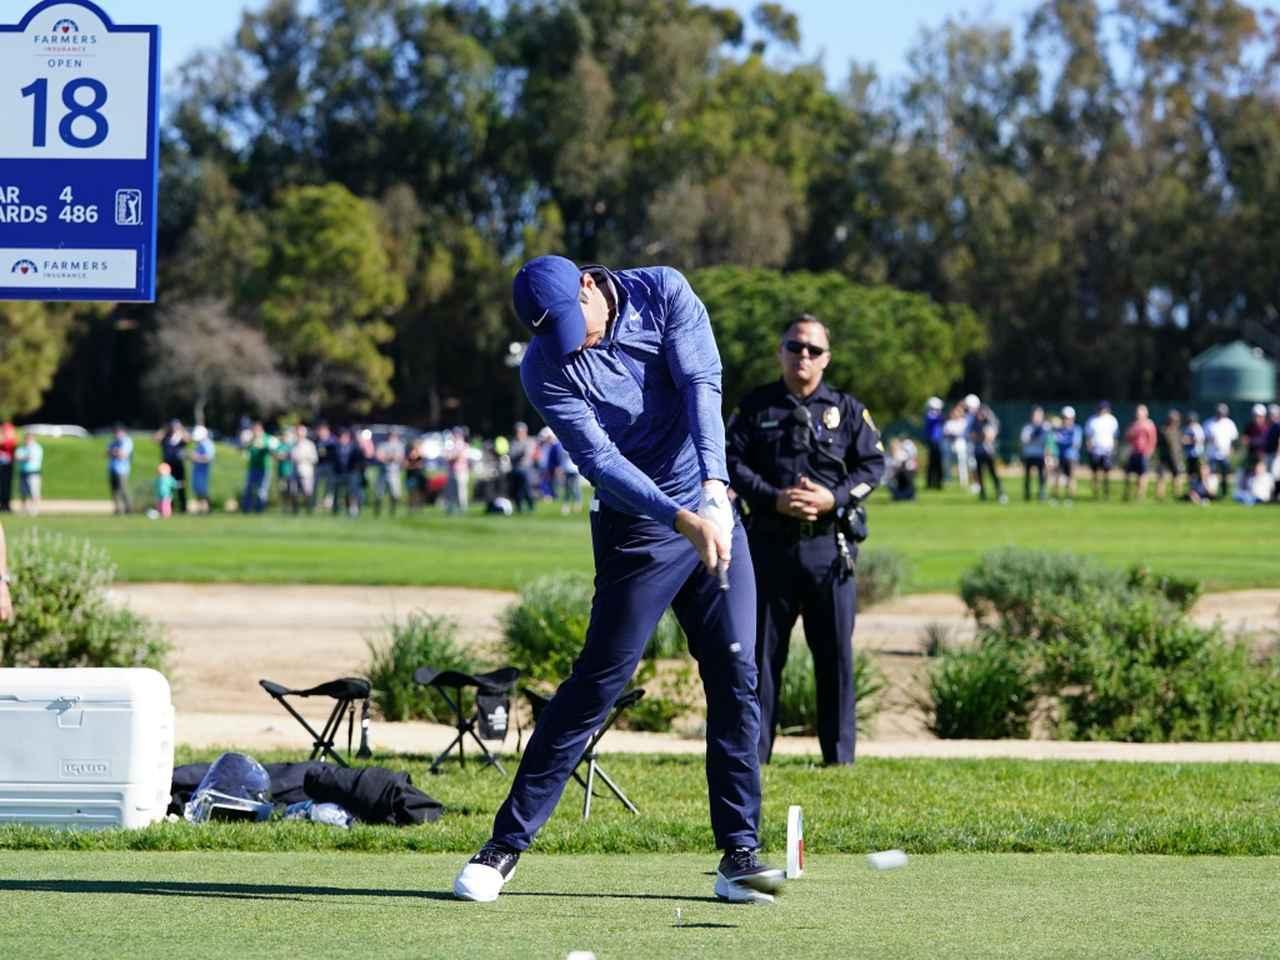 画像41: 【ギア研究】PGAツアートップ選手のレプリカドライバーを組んで打った。「運命のシャフトとヘッド」見つけ方